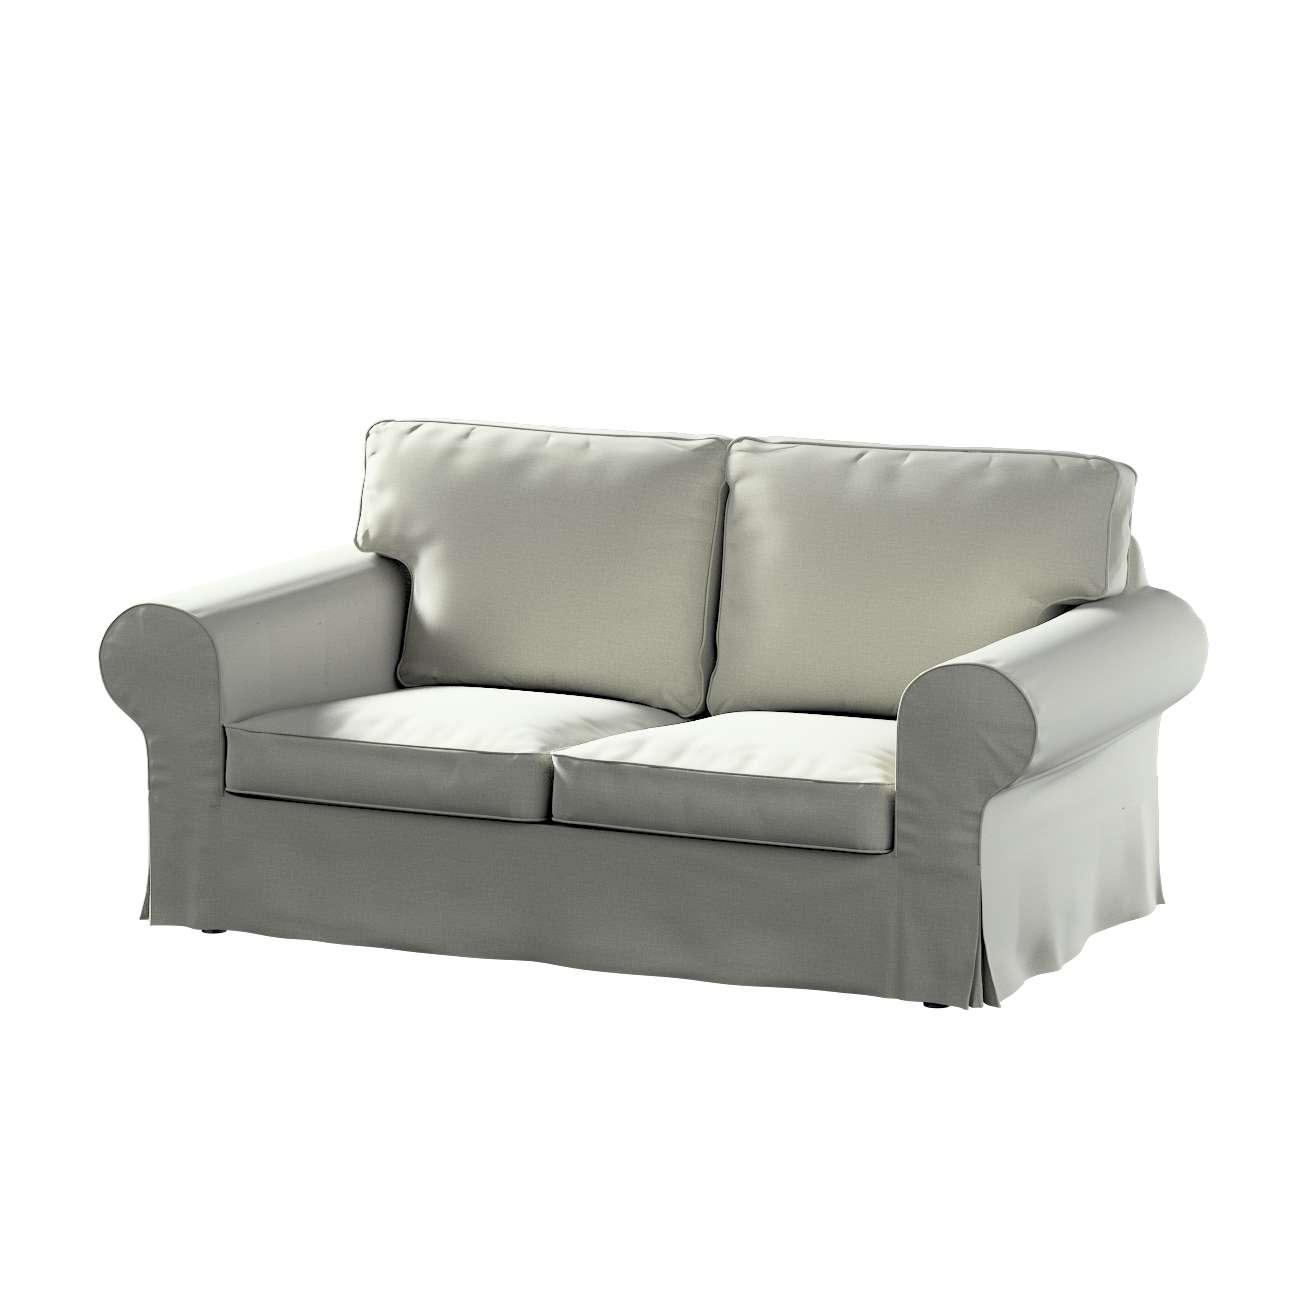 Pokrowiec na sofę Ektorp 2-osobową, nierozkładaną w kolekcji Ingrid, tkanina: 705-41